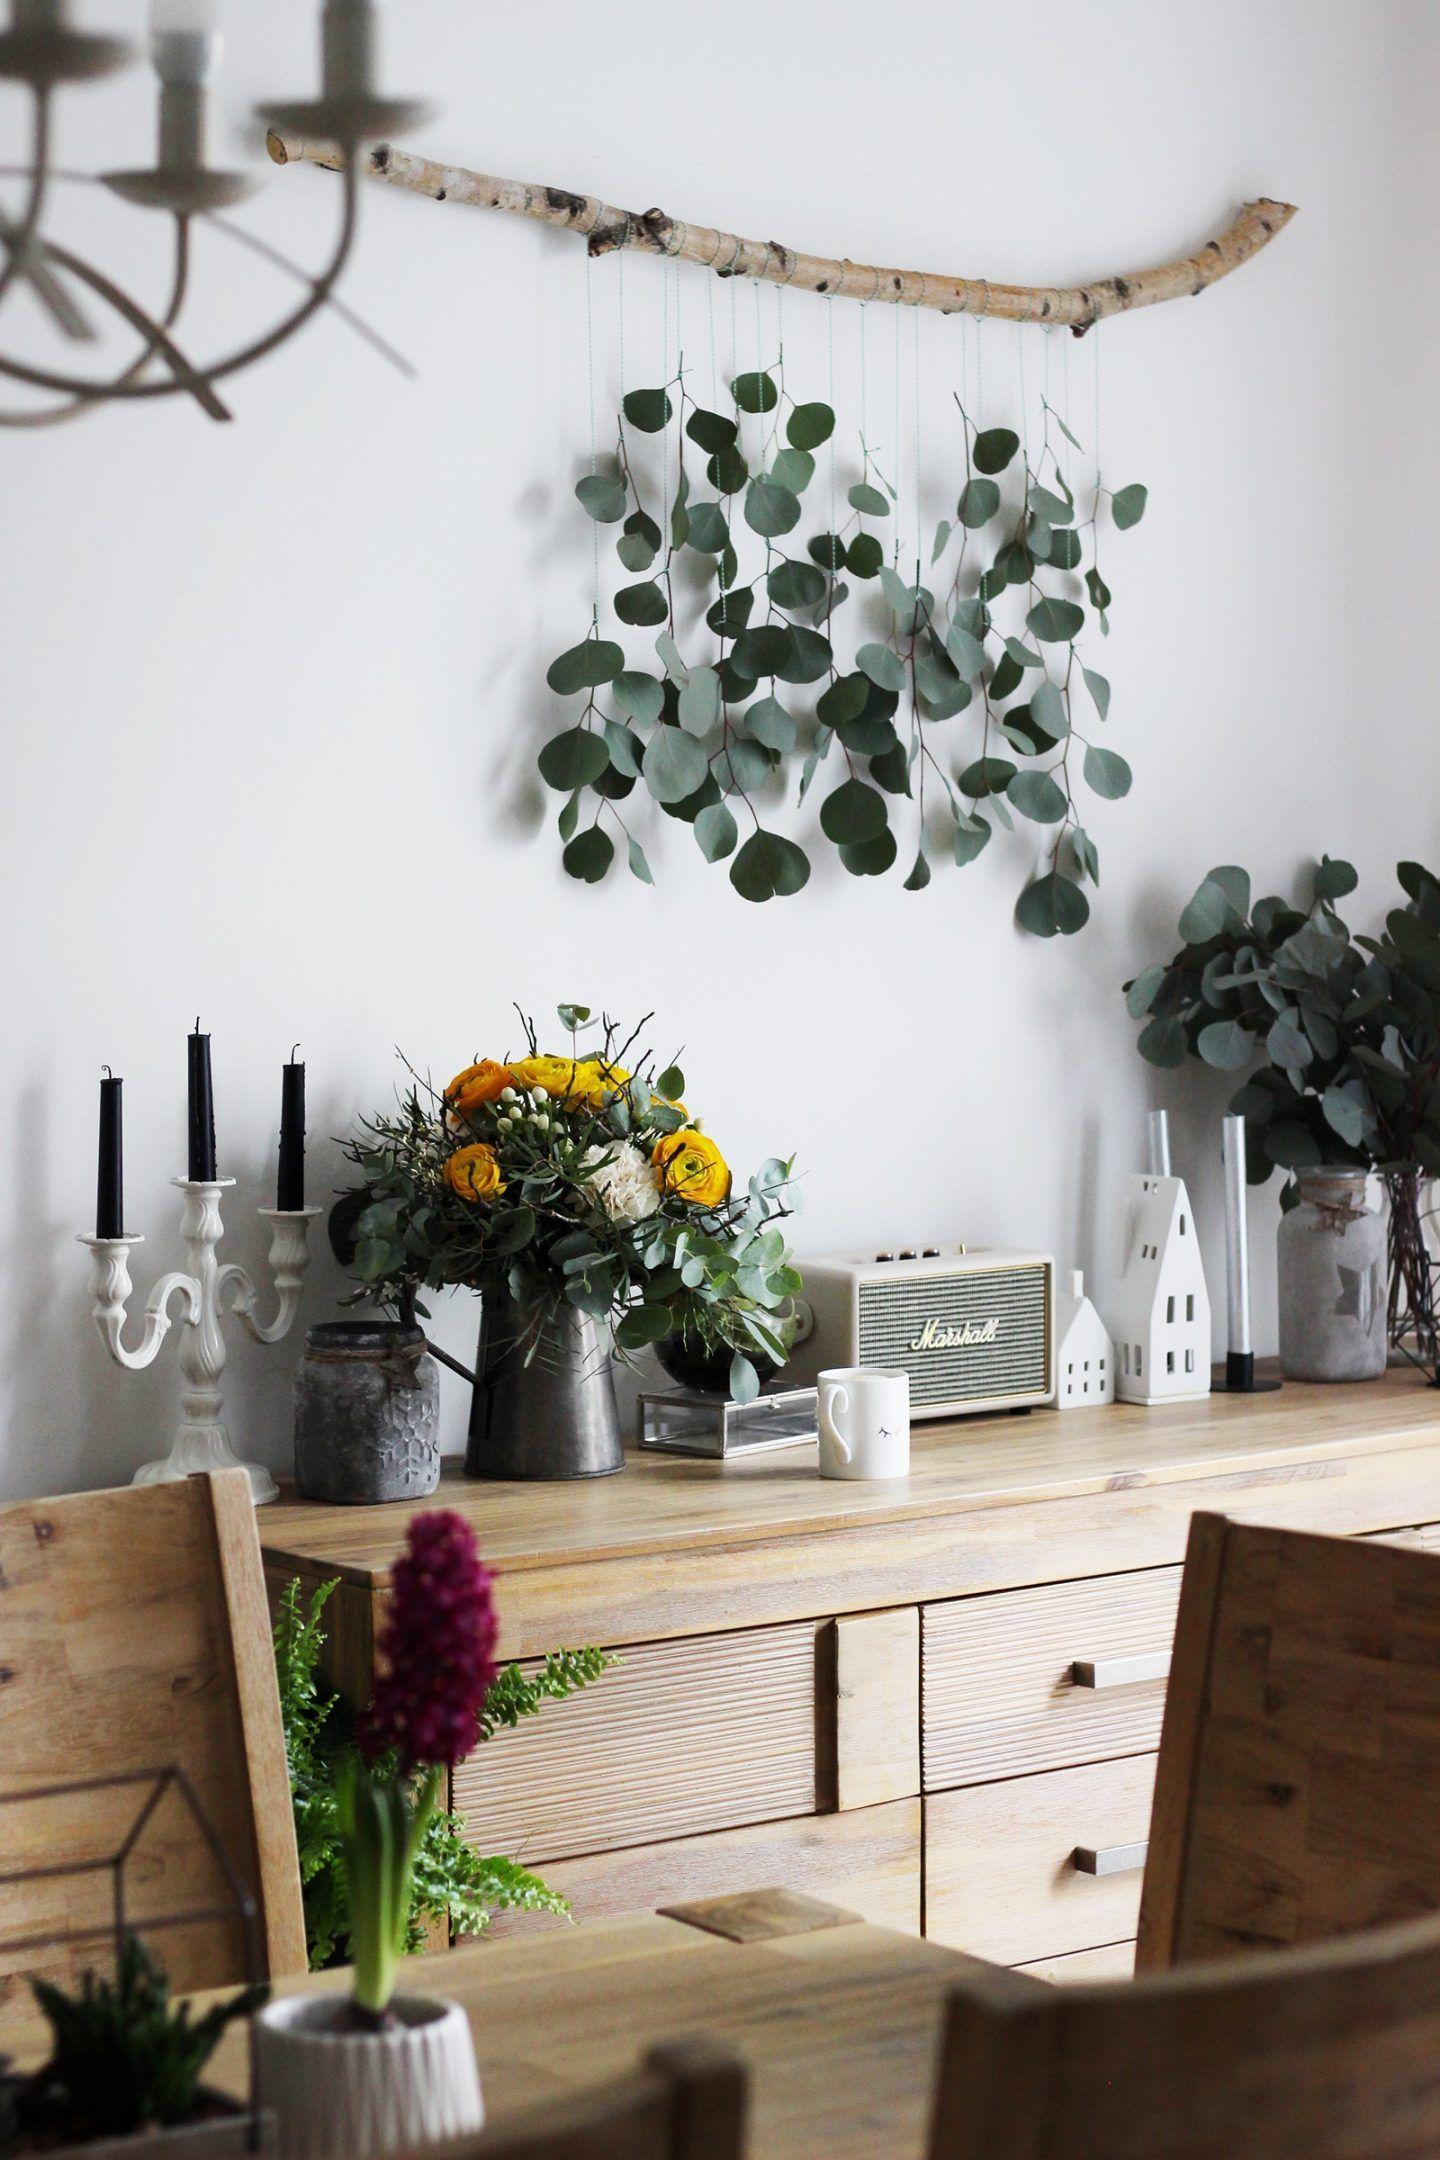 Living Diy Dekorationsidee Zum Selbermachen Eukalyptus Vorhang Fürs Wohnzimmer Vorhänge Fürs Wohnzimmer Zimmer Dekor Ideen Diy Kamin